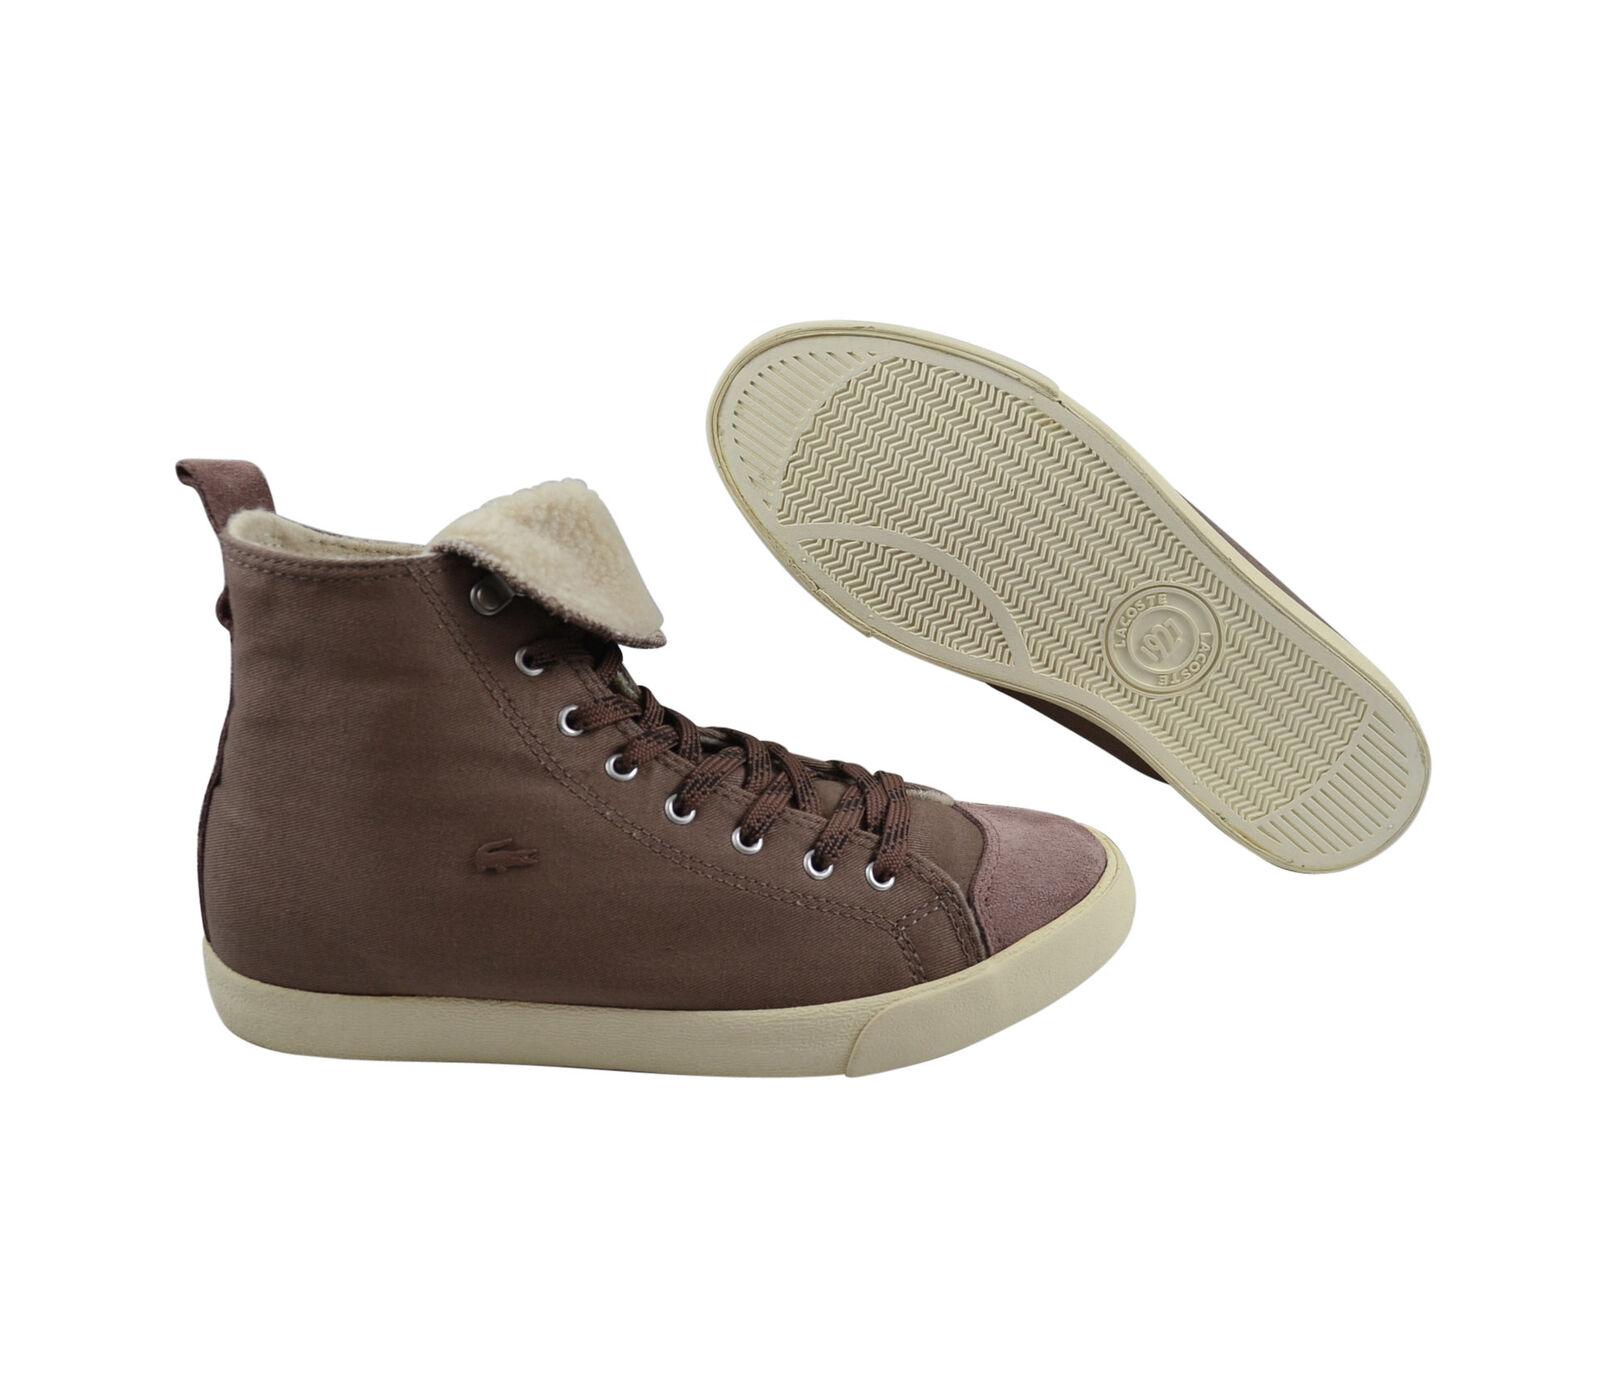 Lacoste L27 Outdoor Mid SRW brown Schuhe/Sneaker braun Größenauswahl!